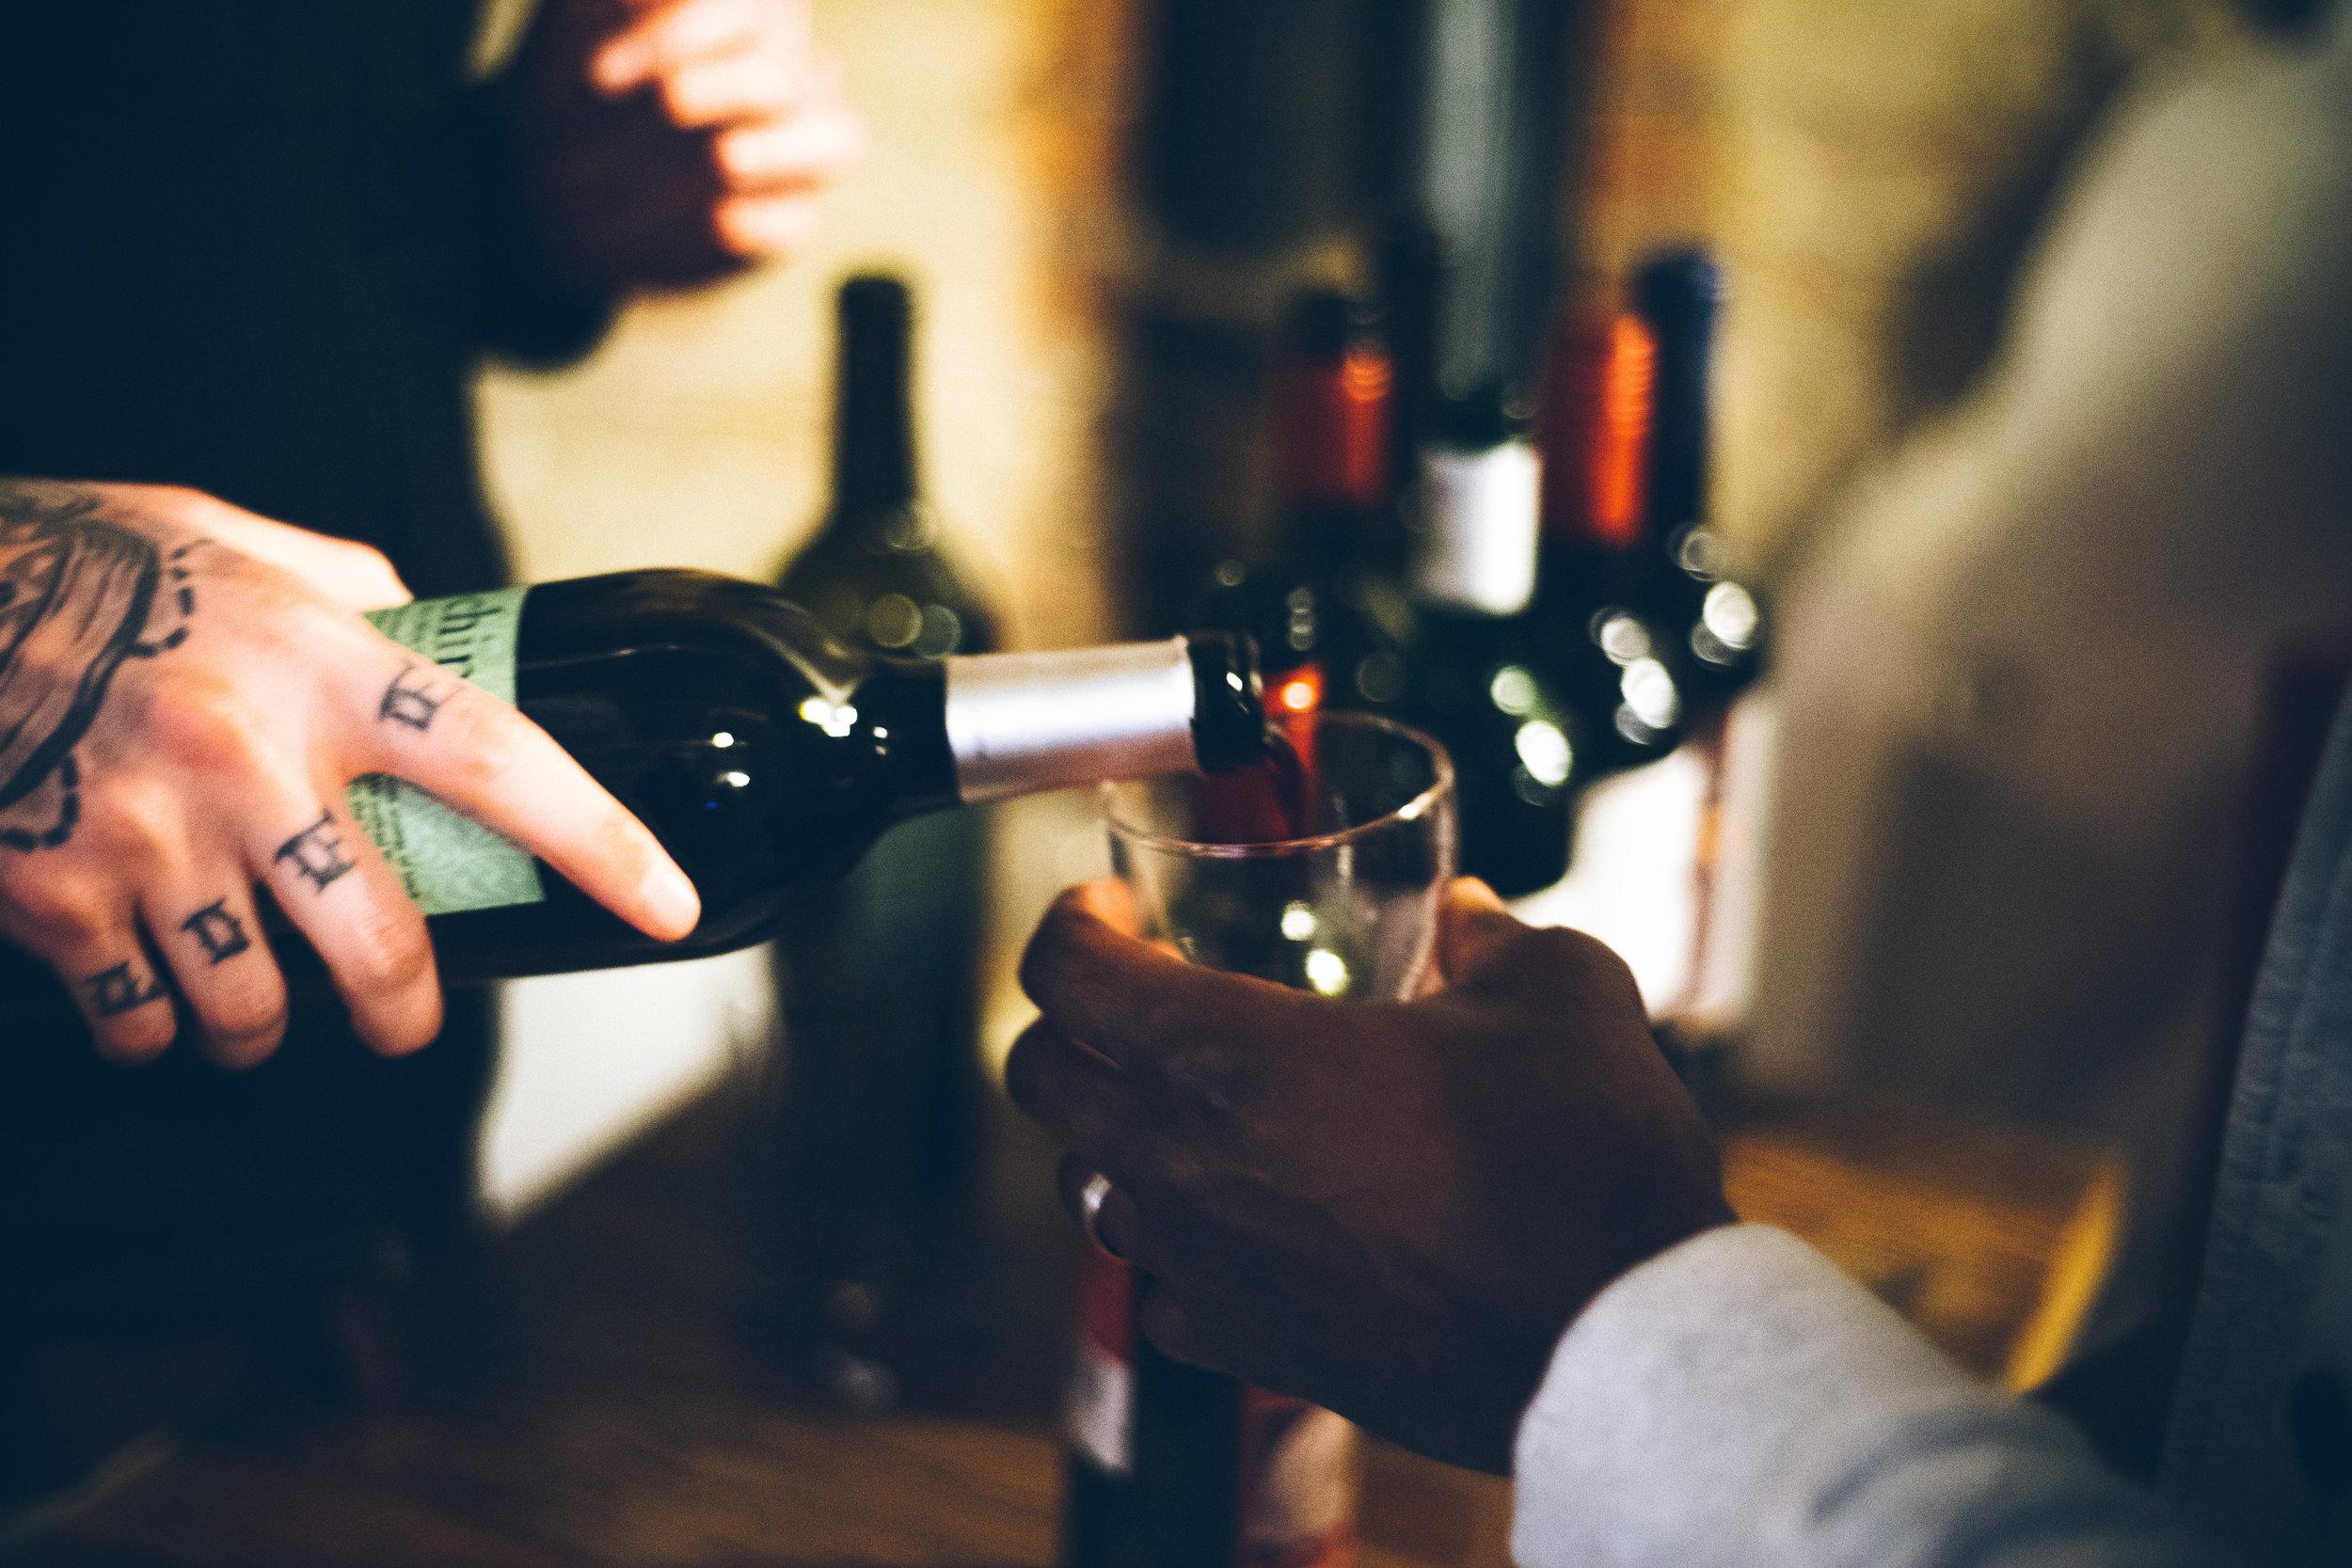 WineTasting-07148.jpg